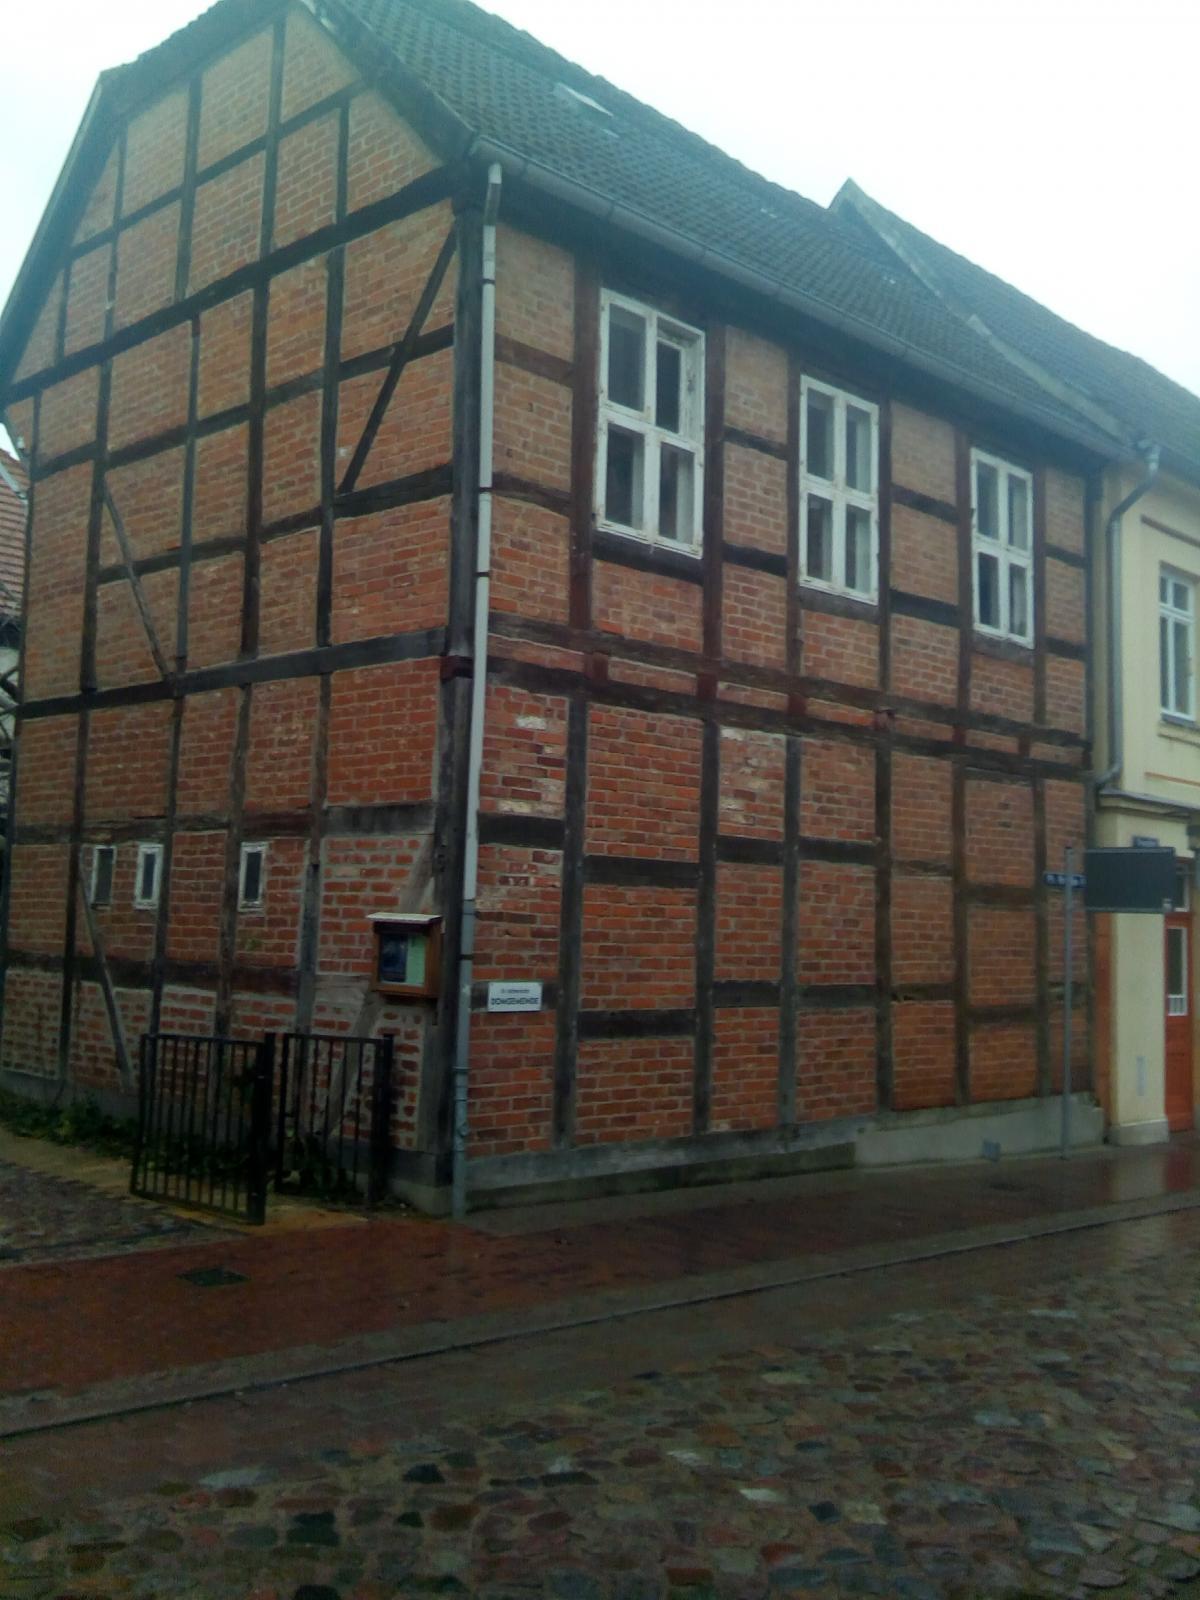 Domgemeindehaus